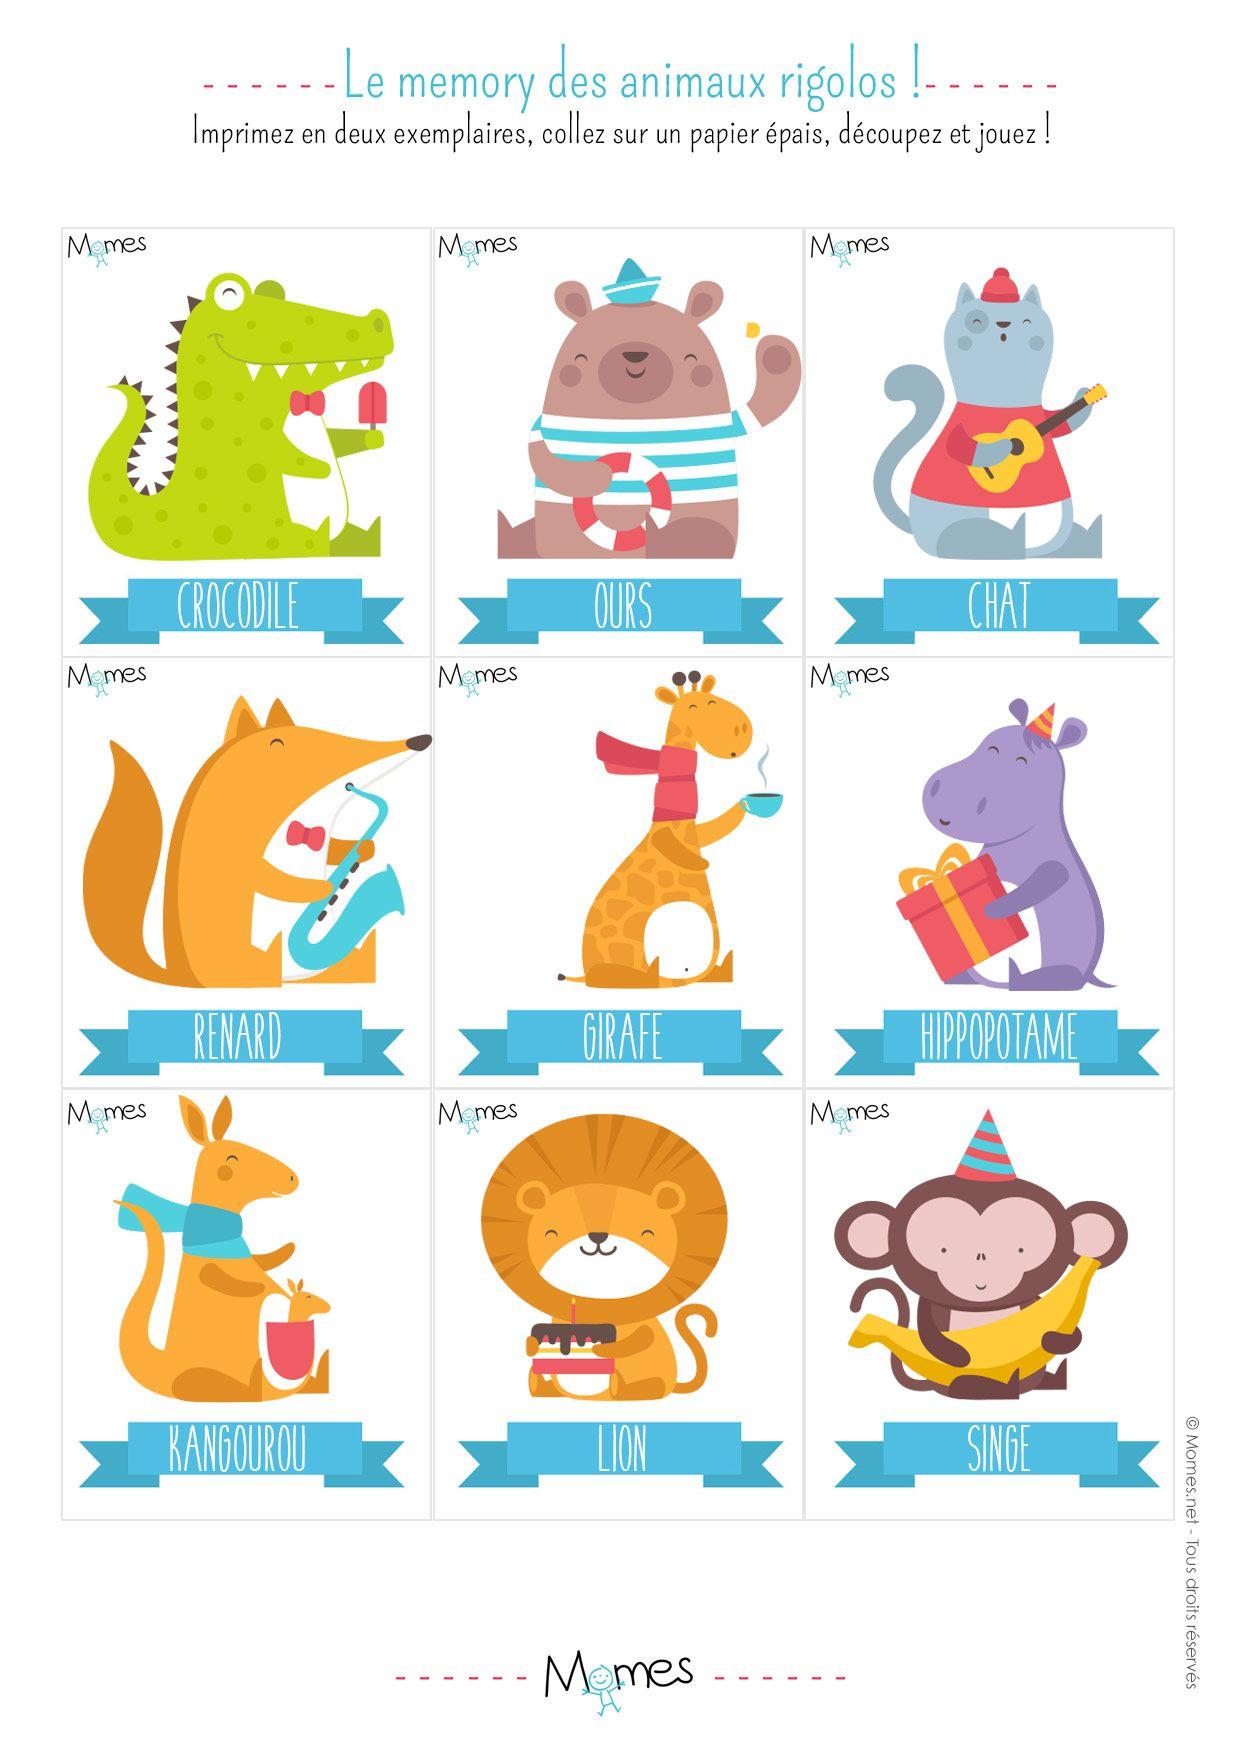 Memory animaux jeu imprimer accueil loisirs pinterest jeux a imprimer jeu de memory - Jeux memoire a imprimer ...